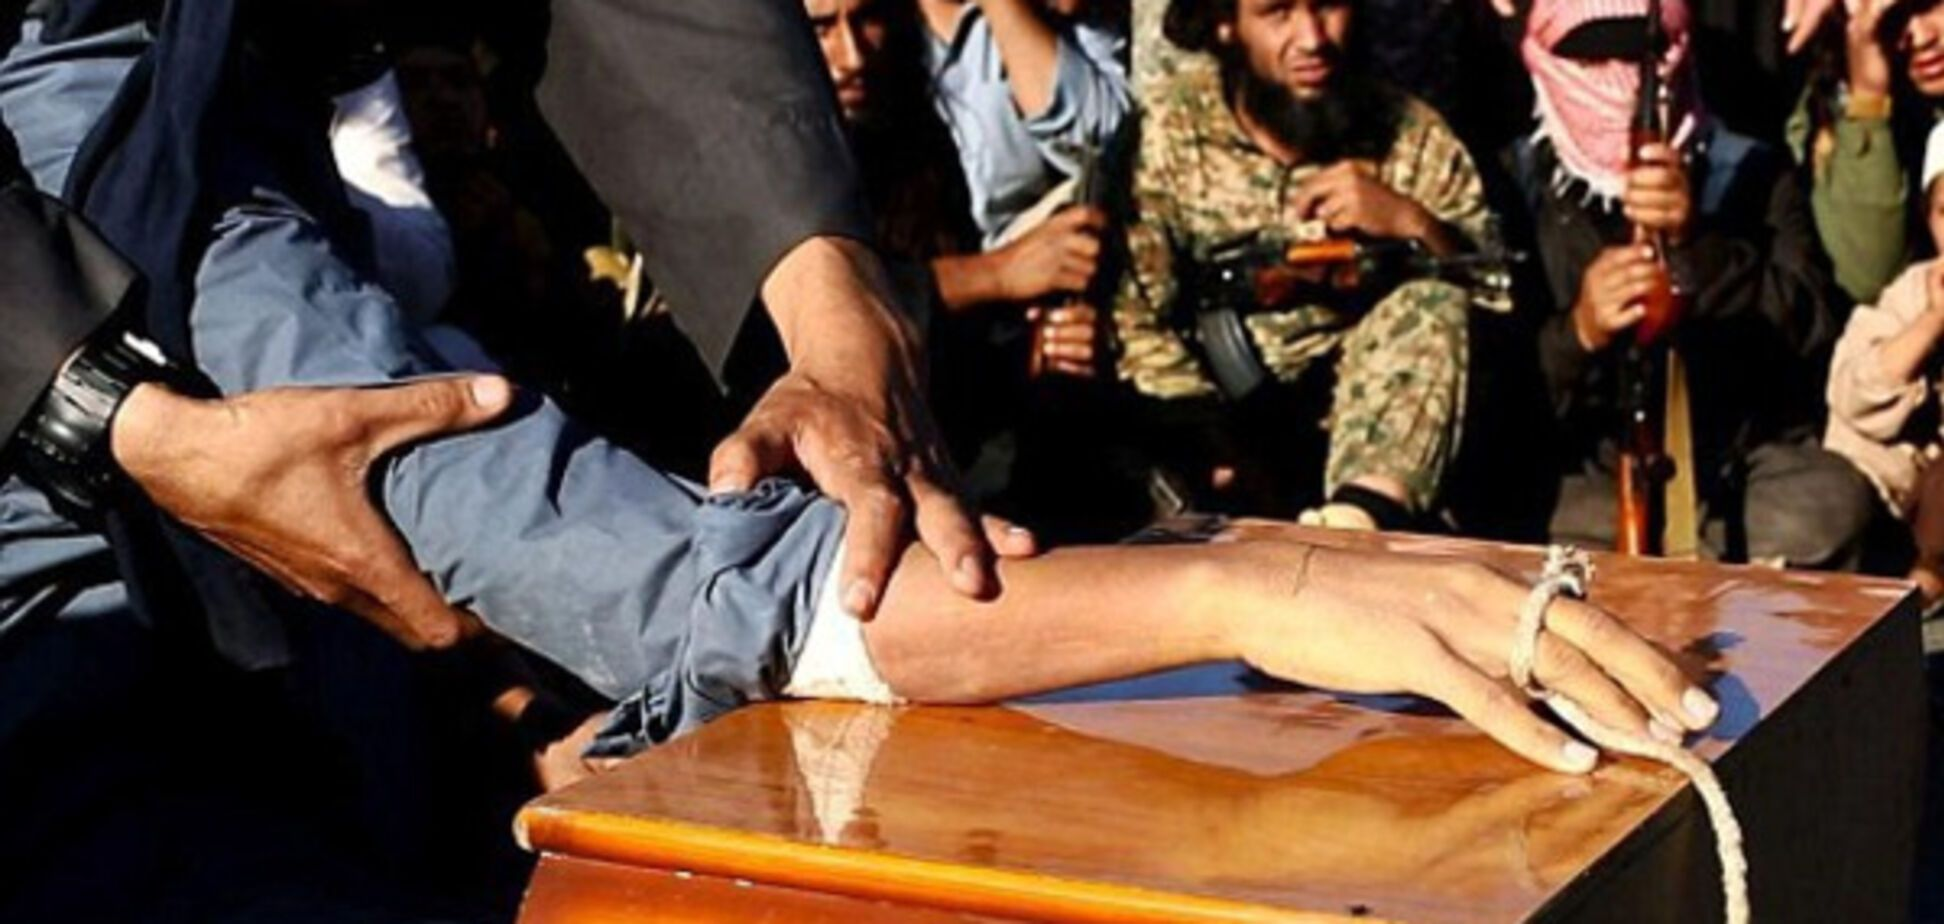 Варвары ИГИЛ отрубили руки двум мальчикам за отказ казнить людей